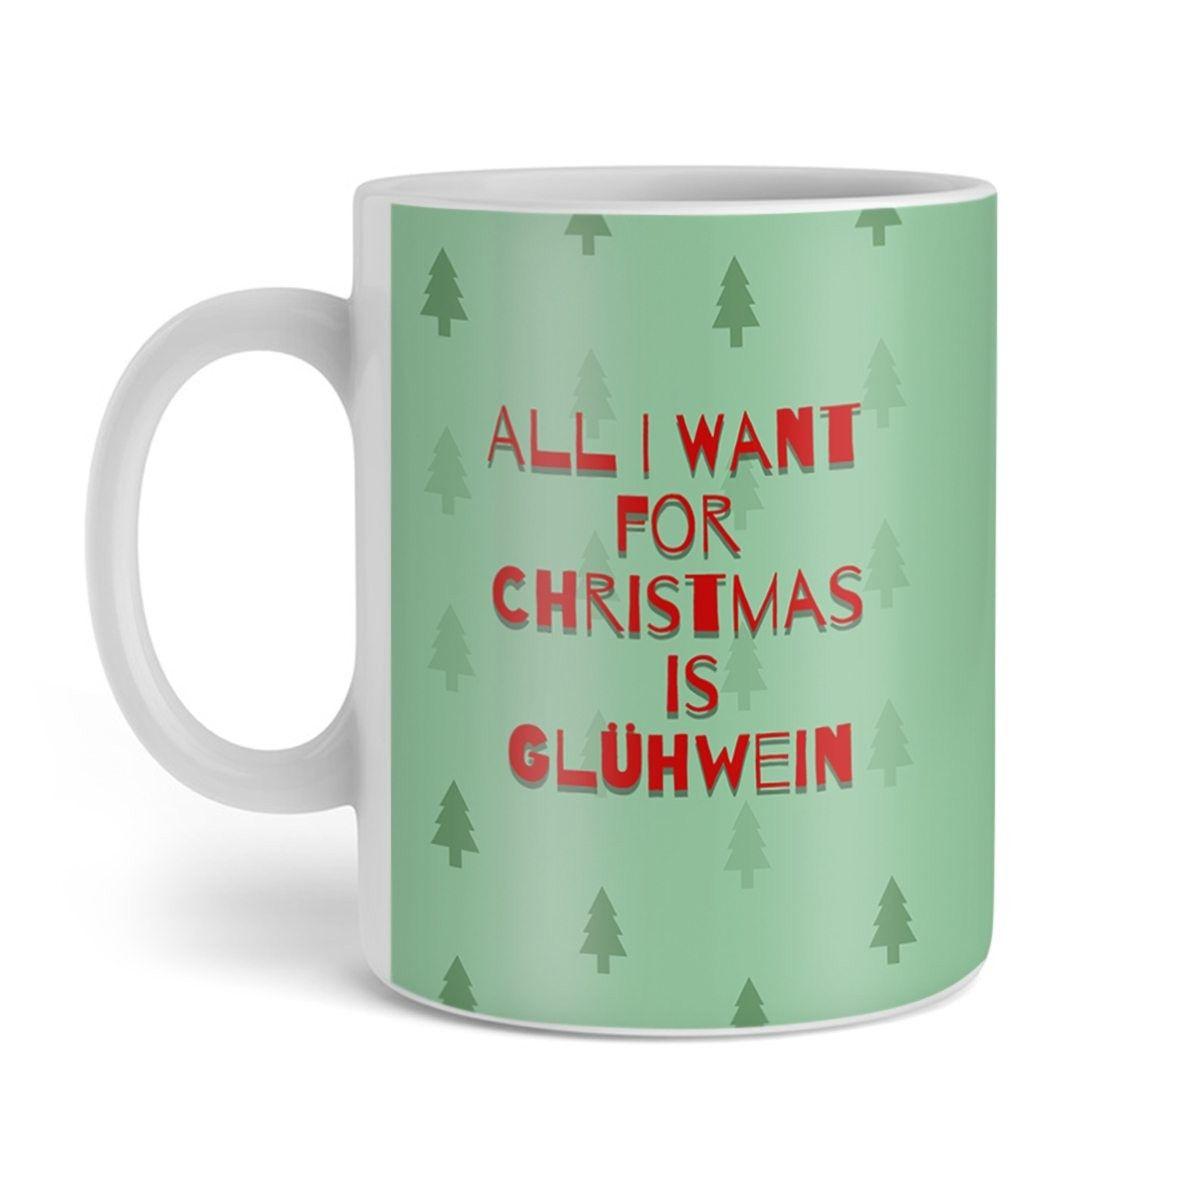 Weihnachtstasse - Oh Tannenbaum mit persönlichem Text